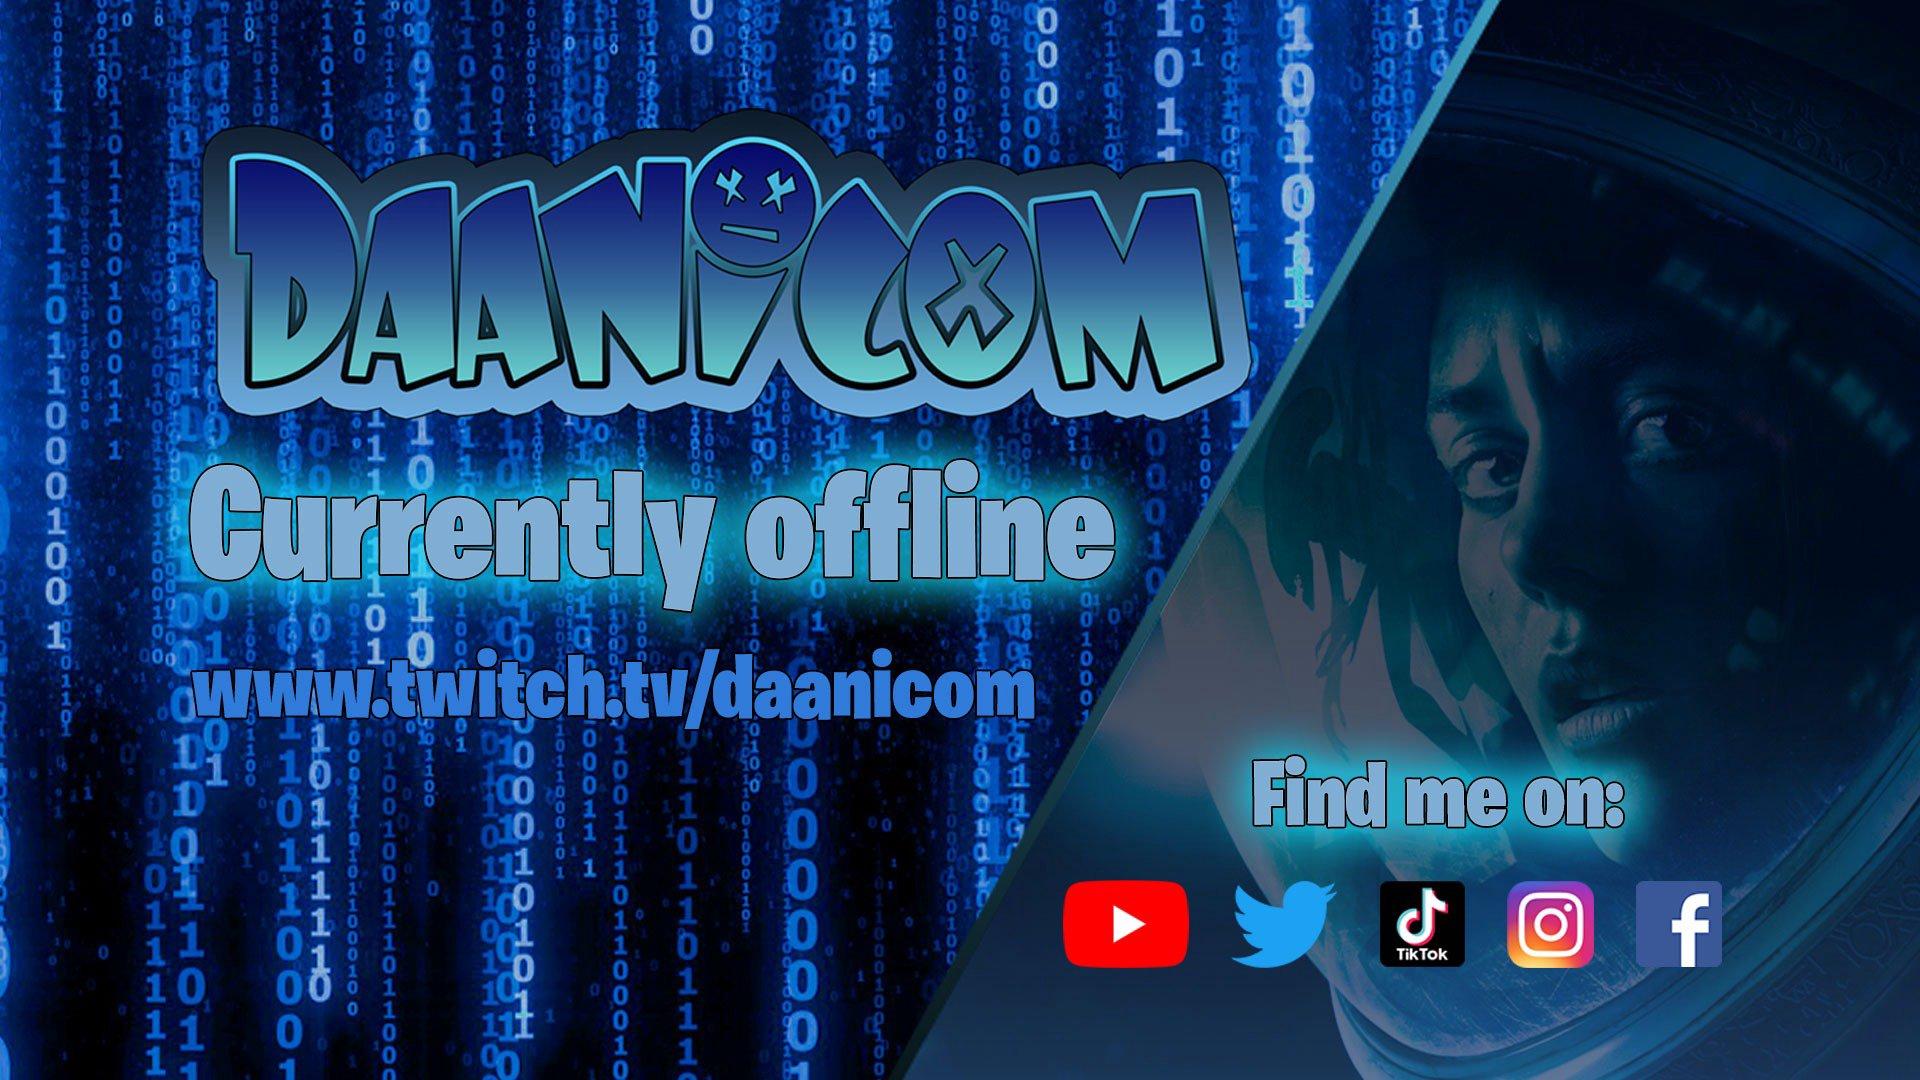 Twitch stream of daanicom